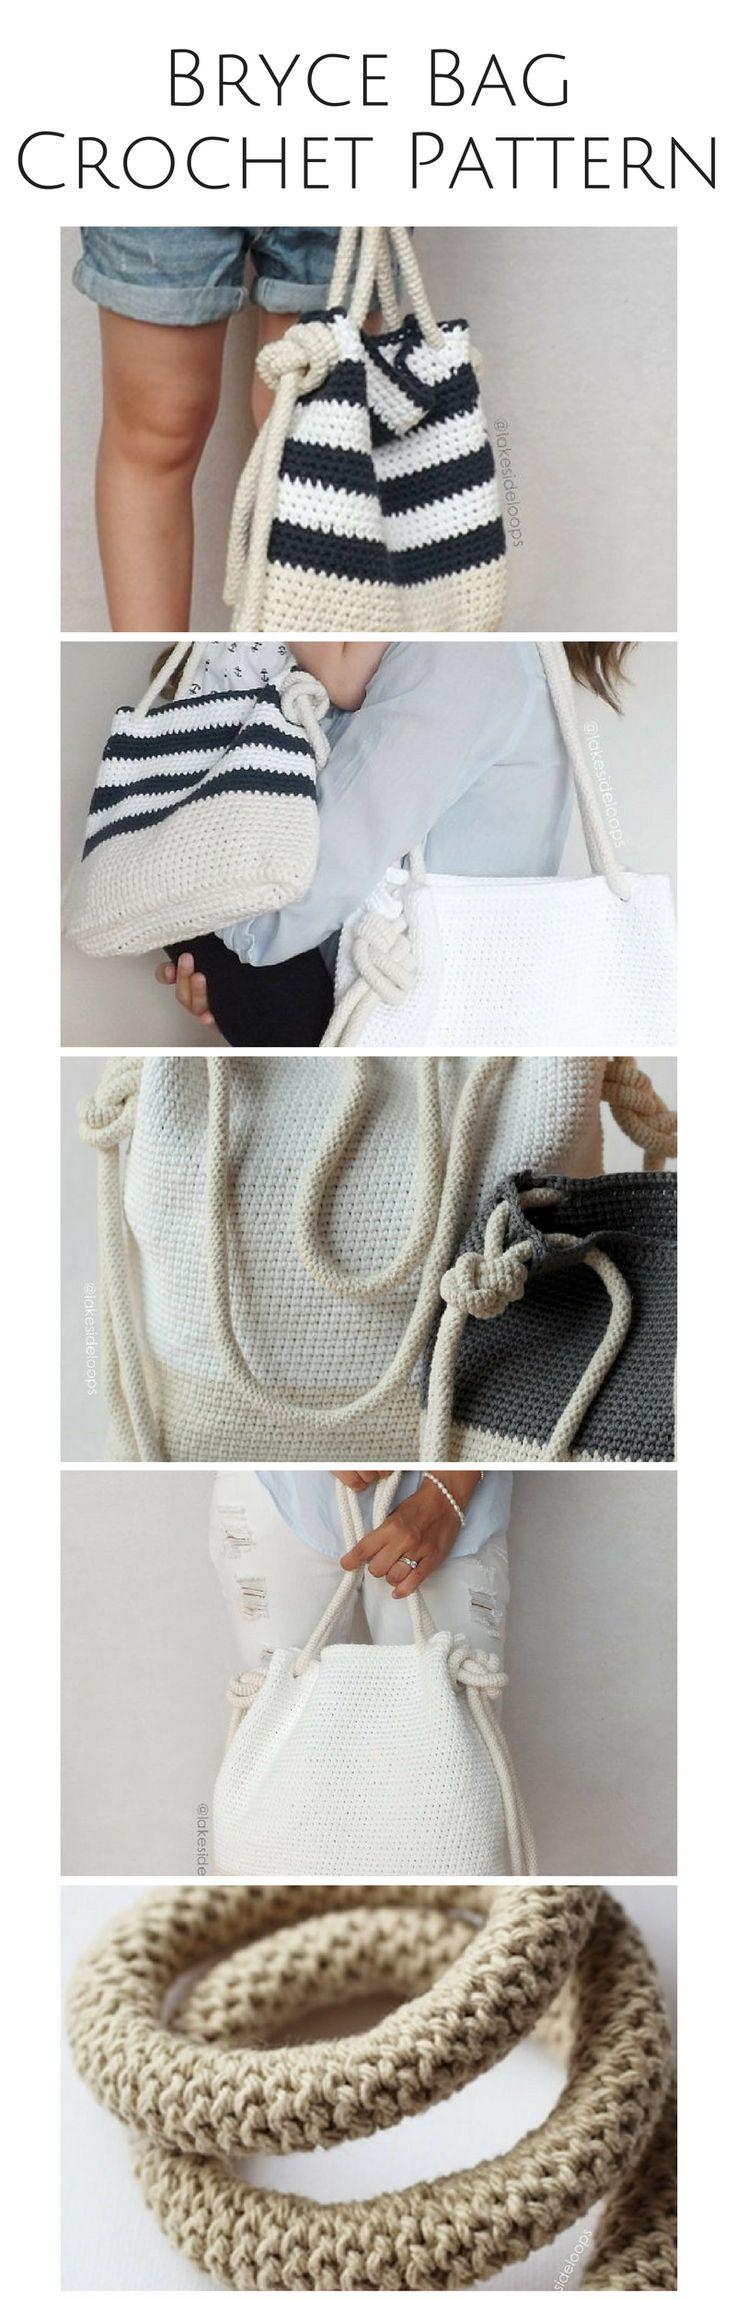 Mejores 5900 imágenes de Bolsas y almohadones en Pinterest | Bolsas ...